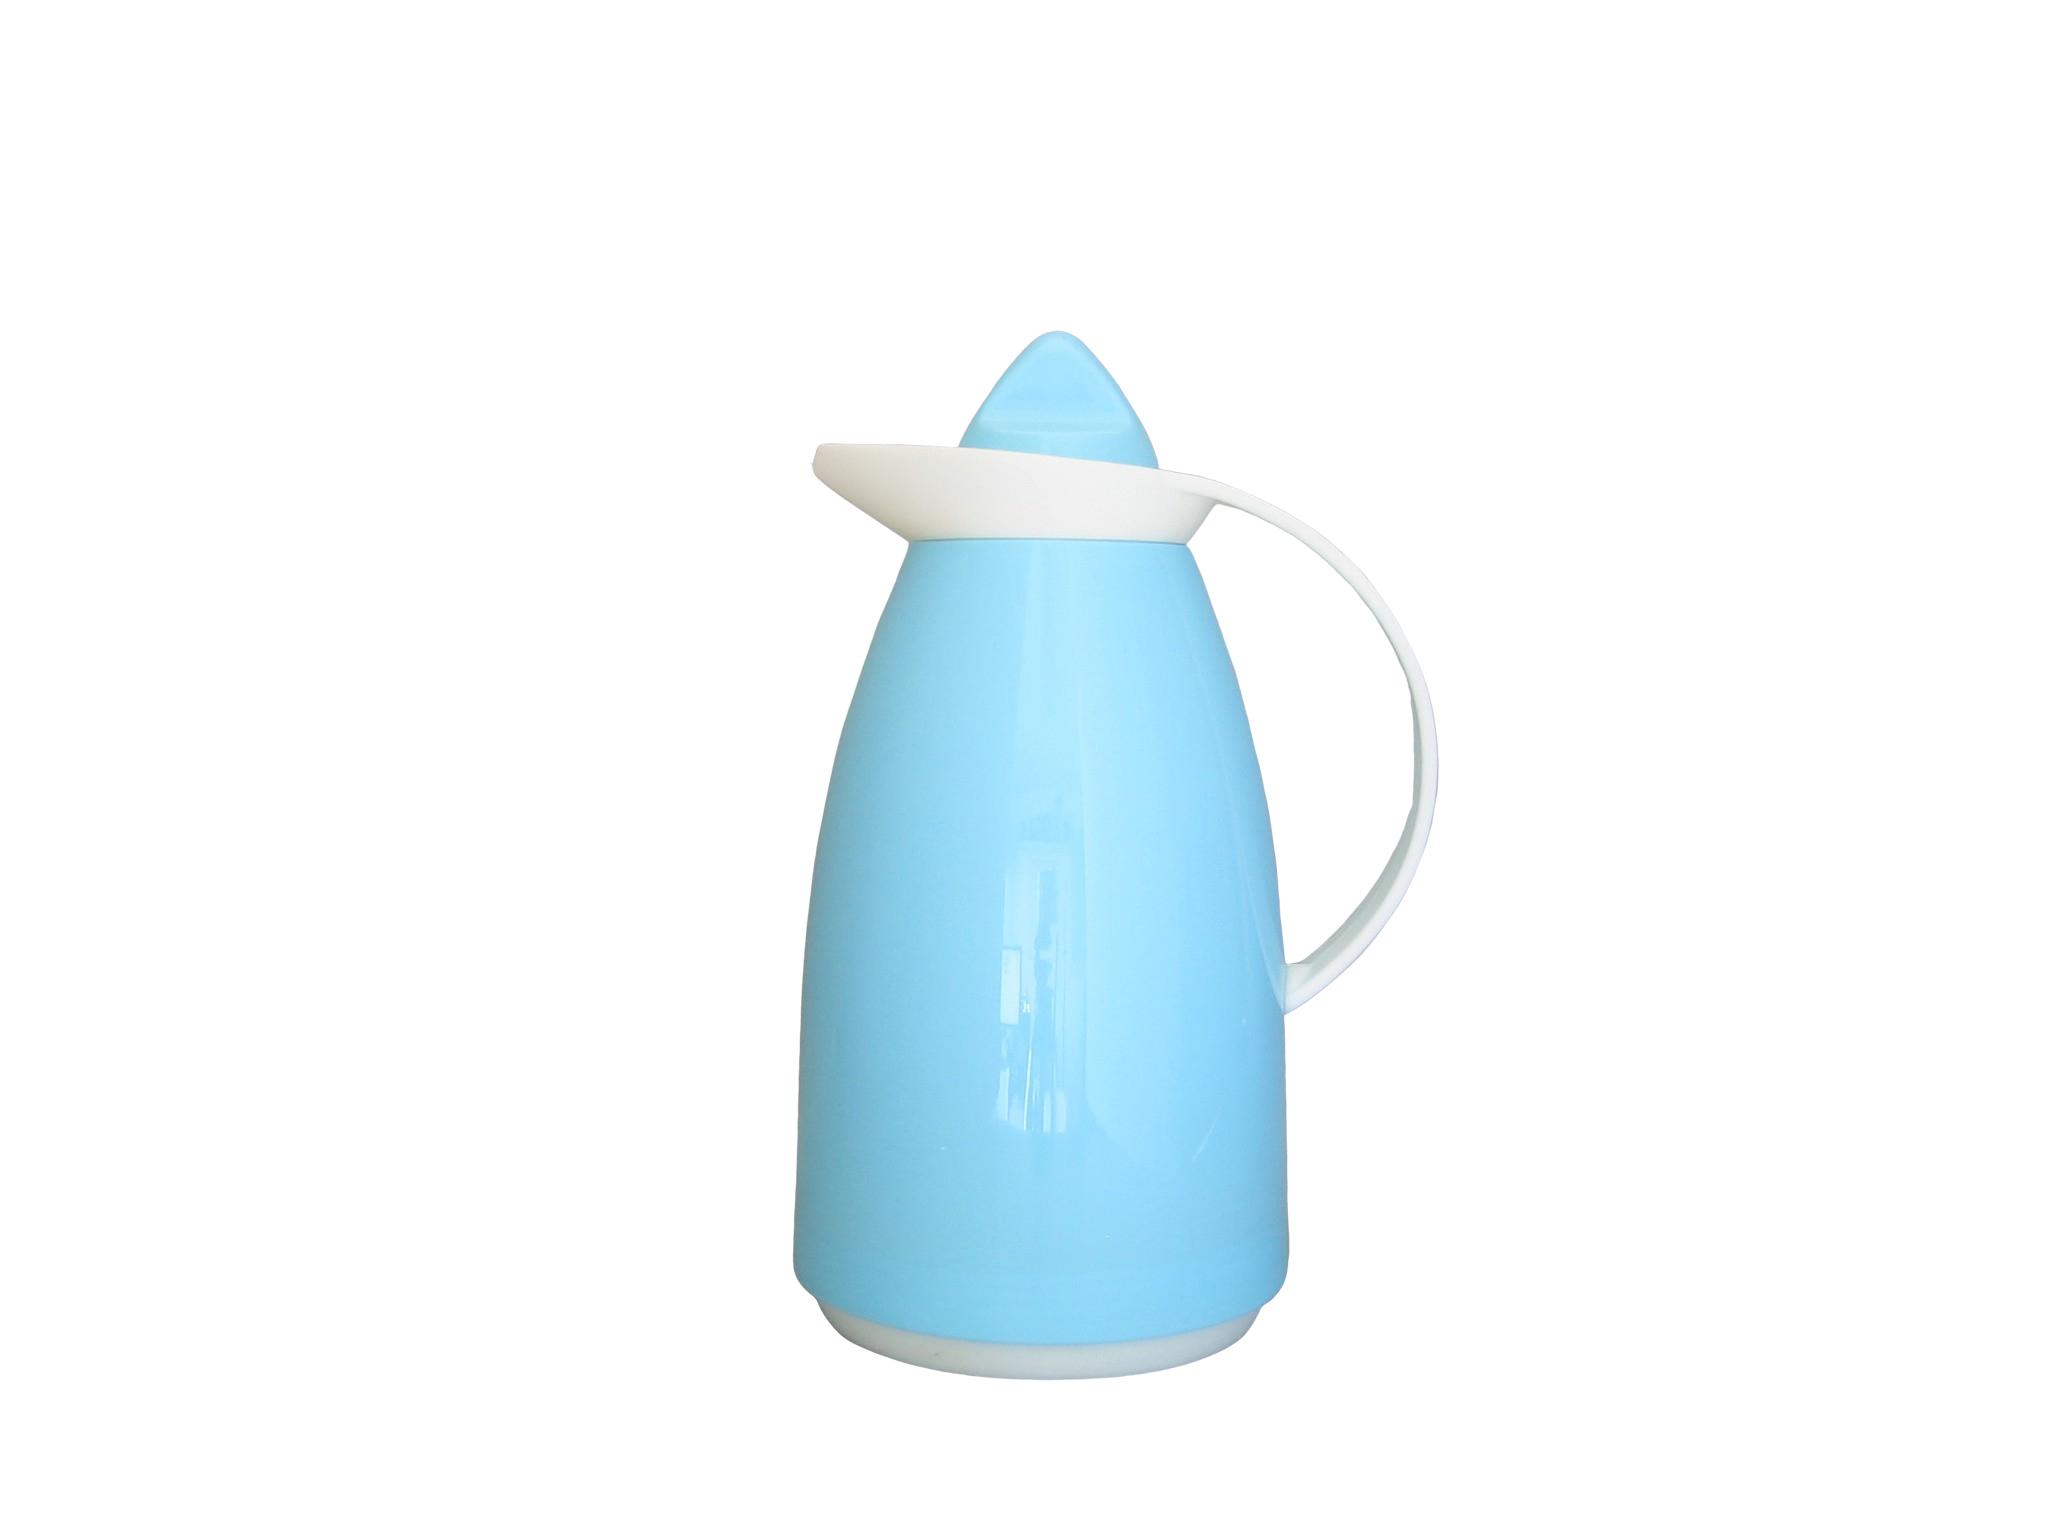 GLE10-031 - Isoleerkan  blauw 1.0 L - Isobel